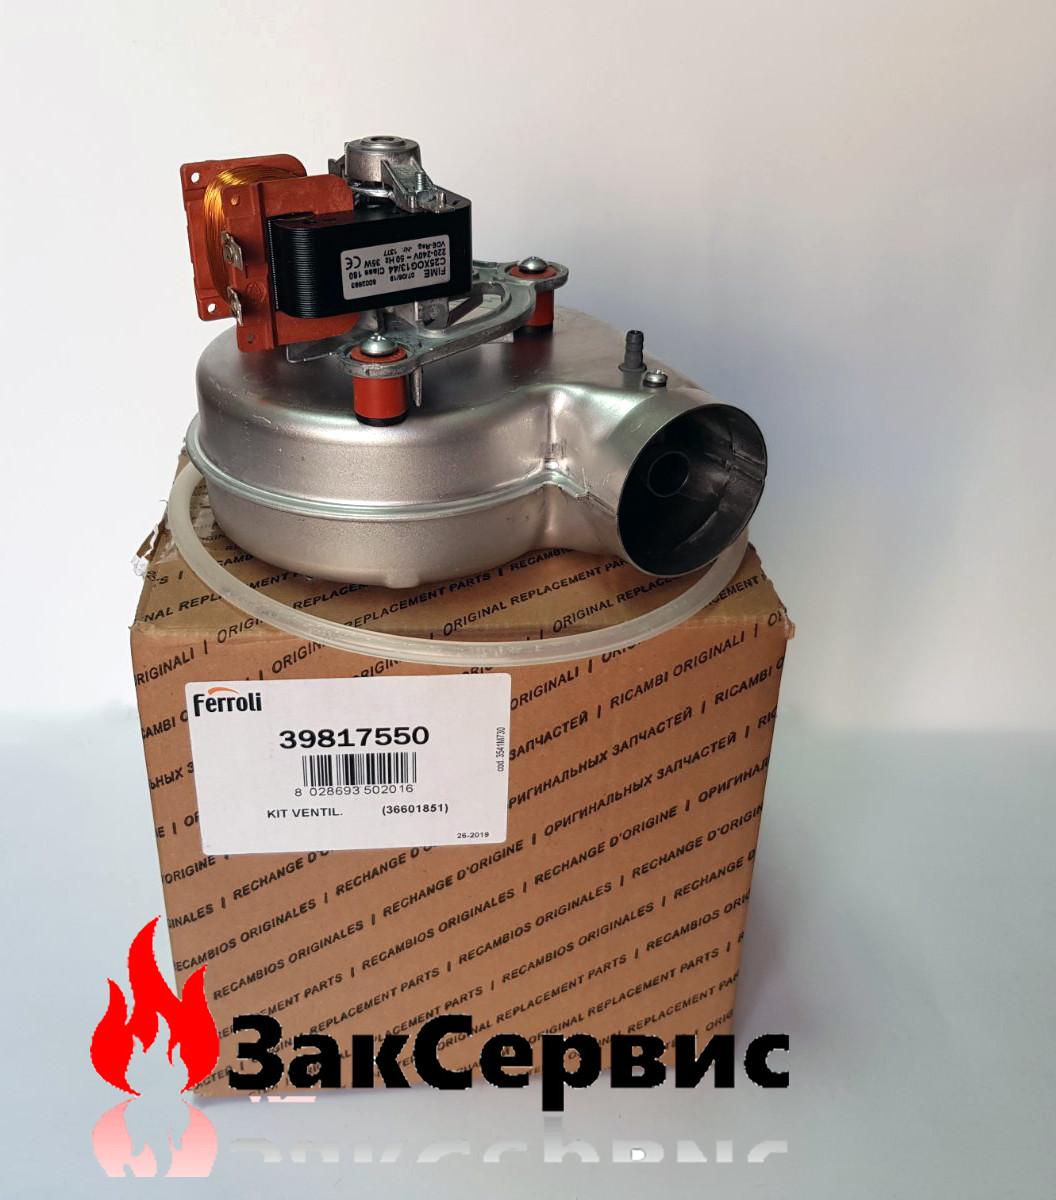 Вентилятор на газовый котел Ferroli Domicompact DOMIproject F24 39817550 39817551